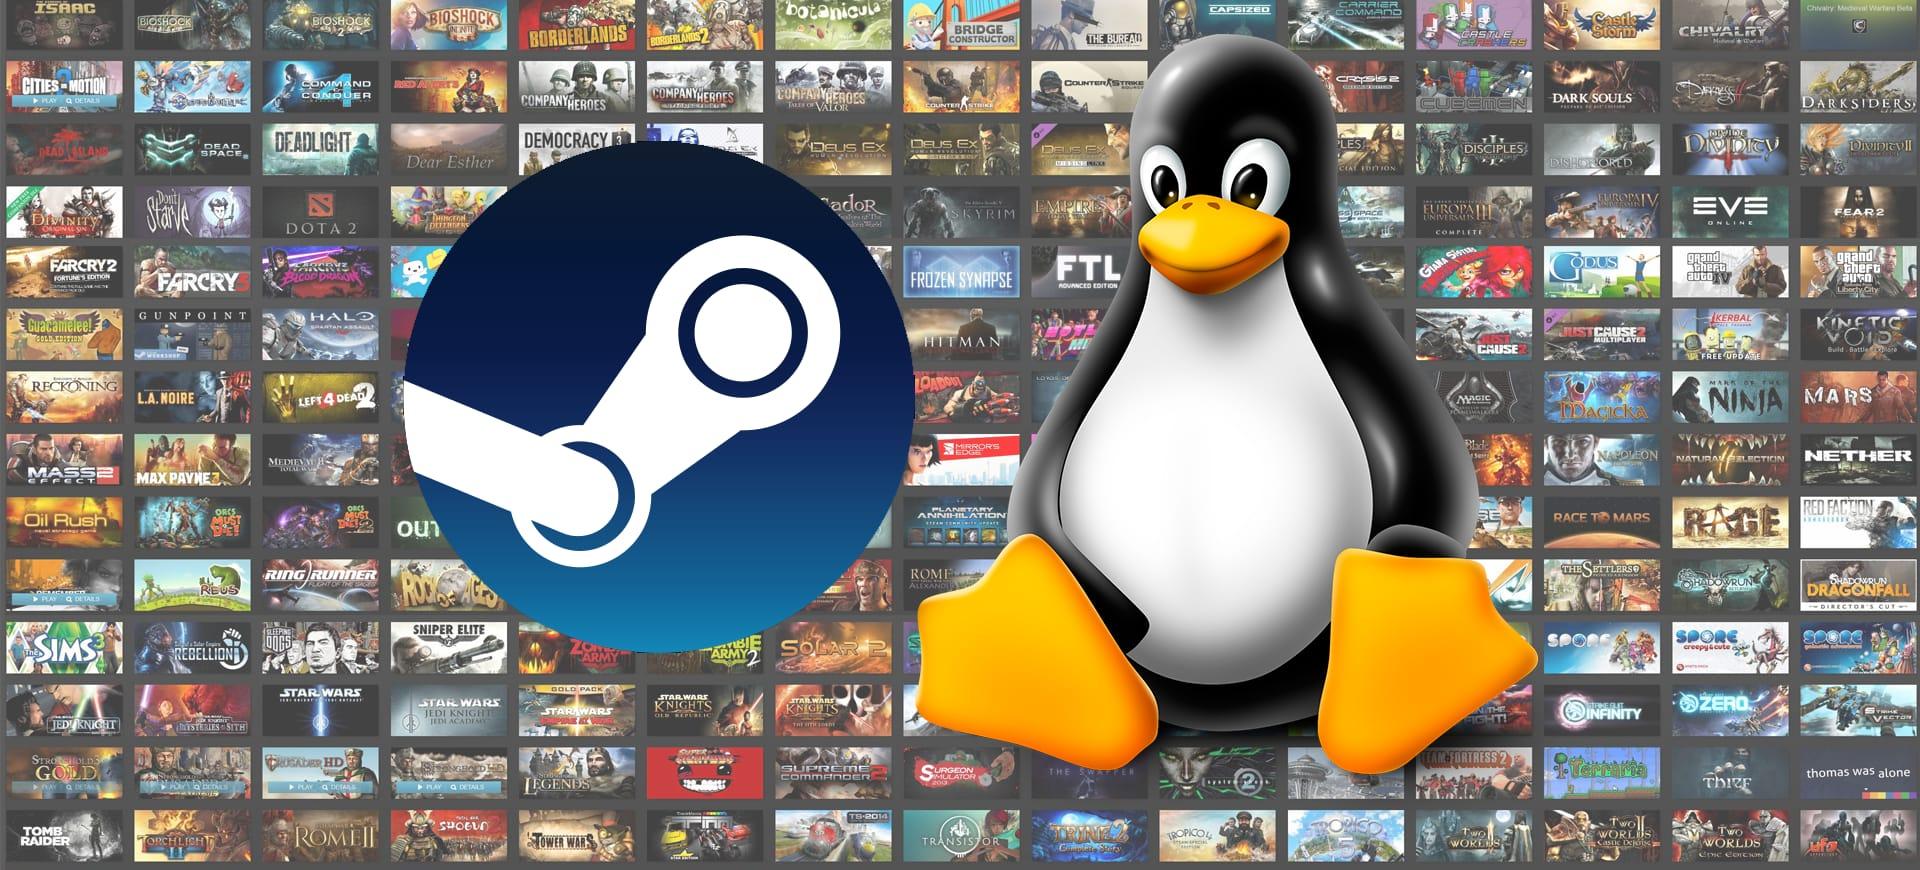 Steam Play và Proton - Kỉ nguyên mới cho Game trên Linux?